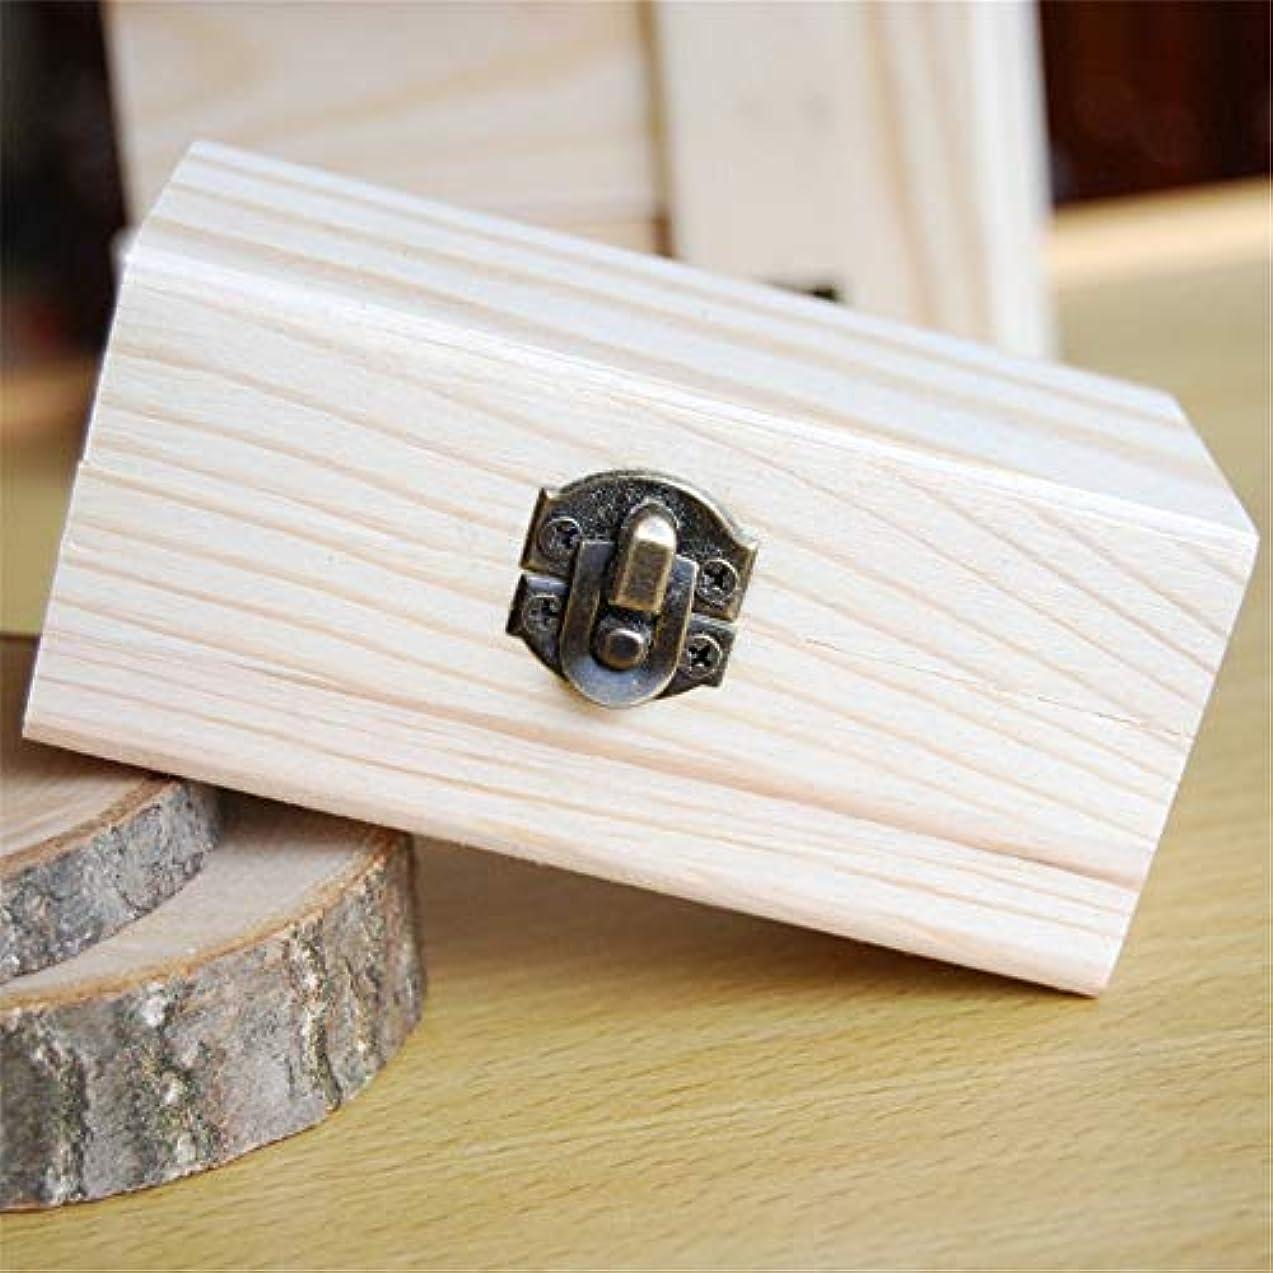 吐く十年シールエッセンシャルオイル収納ボックス 安全に油を維持するための品質の木製エッセンシャルオイルストレージボックスベスト (色 : Natural, サイズ : 10X6X5CM)